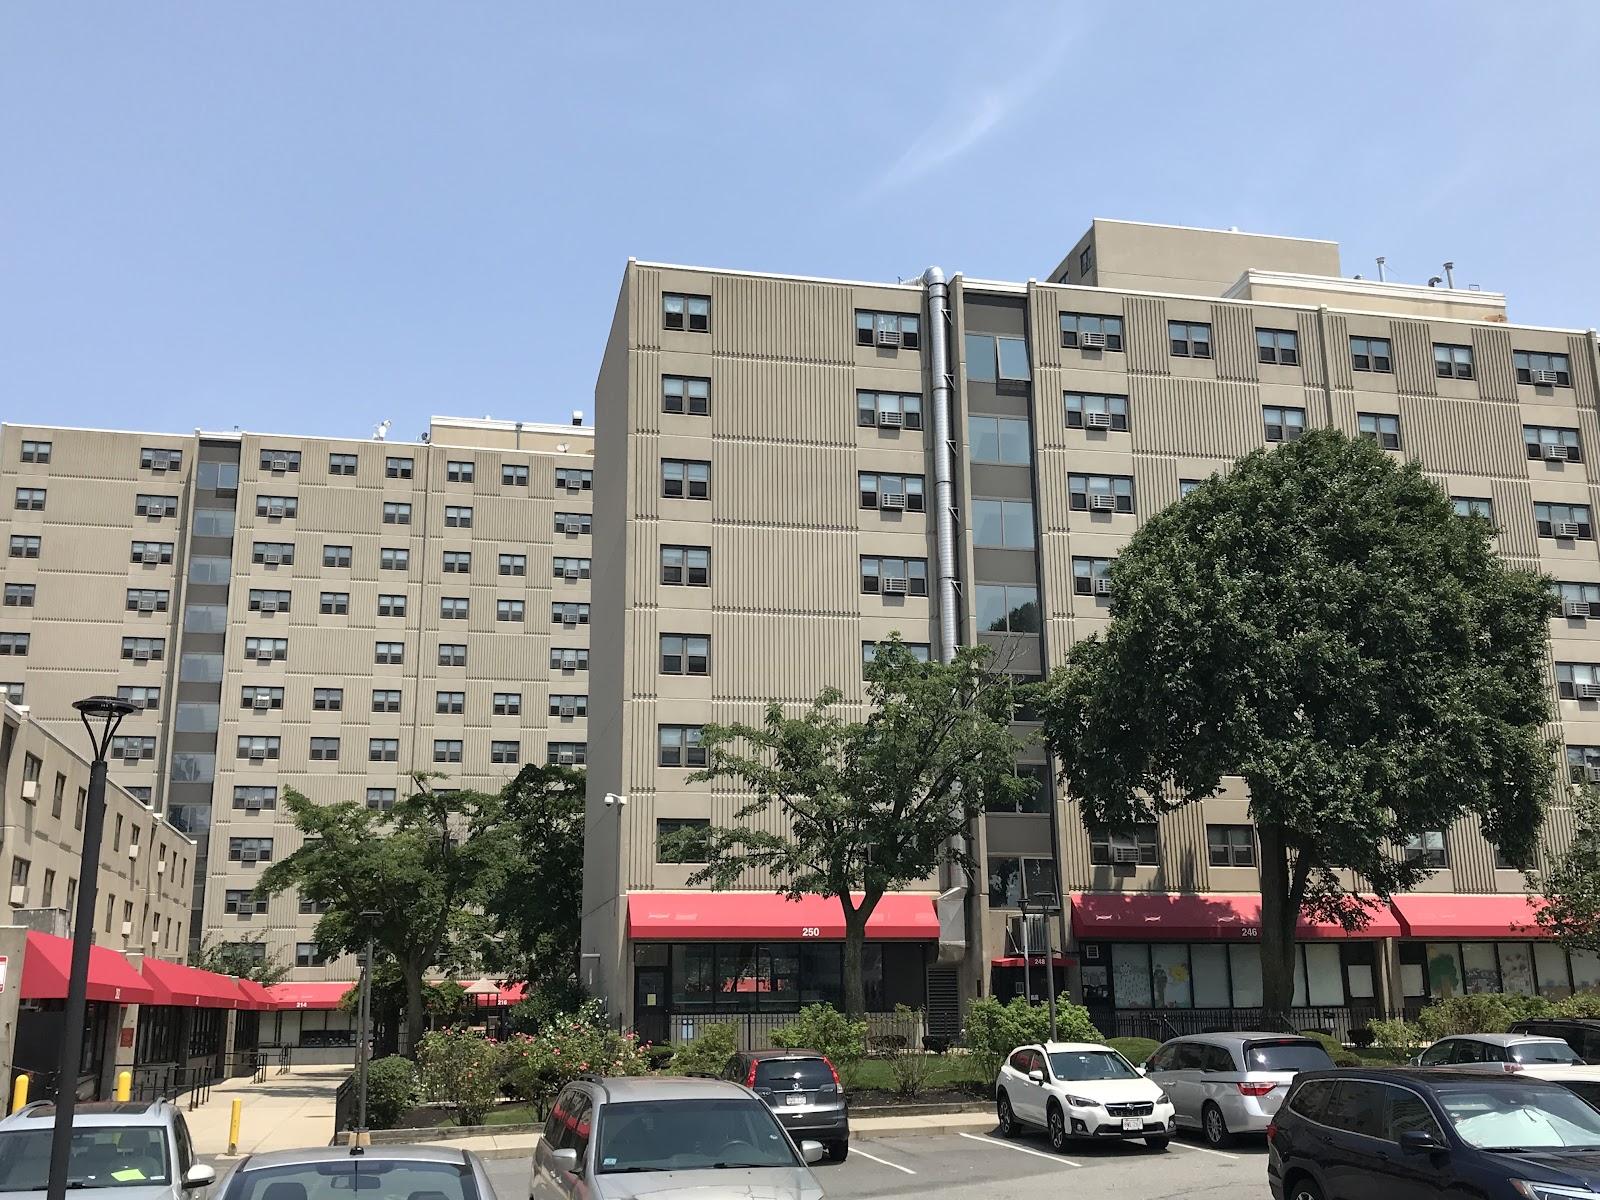 波士顿新的租金救济基金社区合作伙伴补助金现已到位